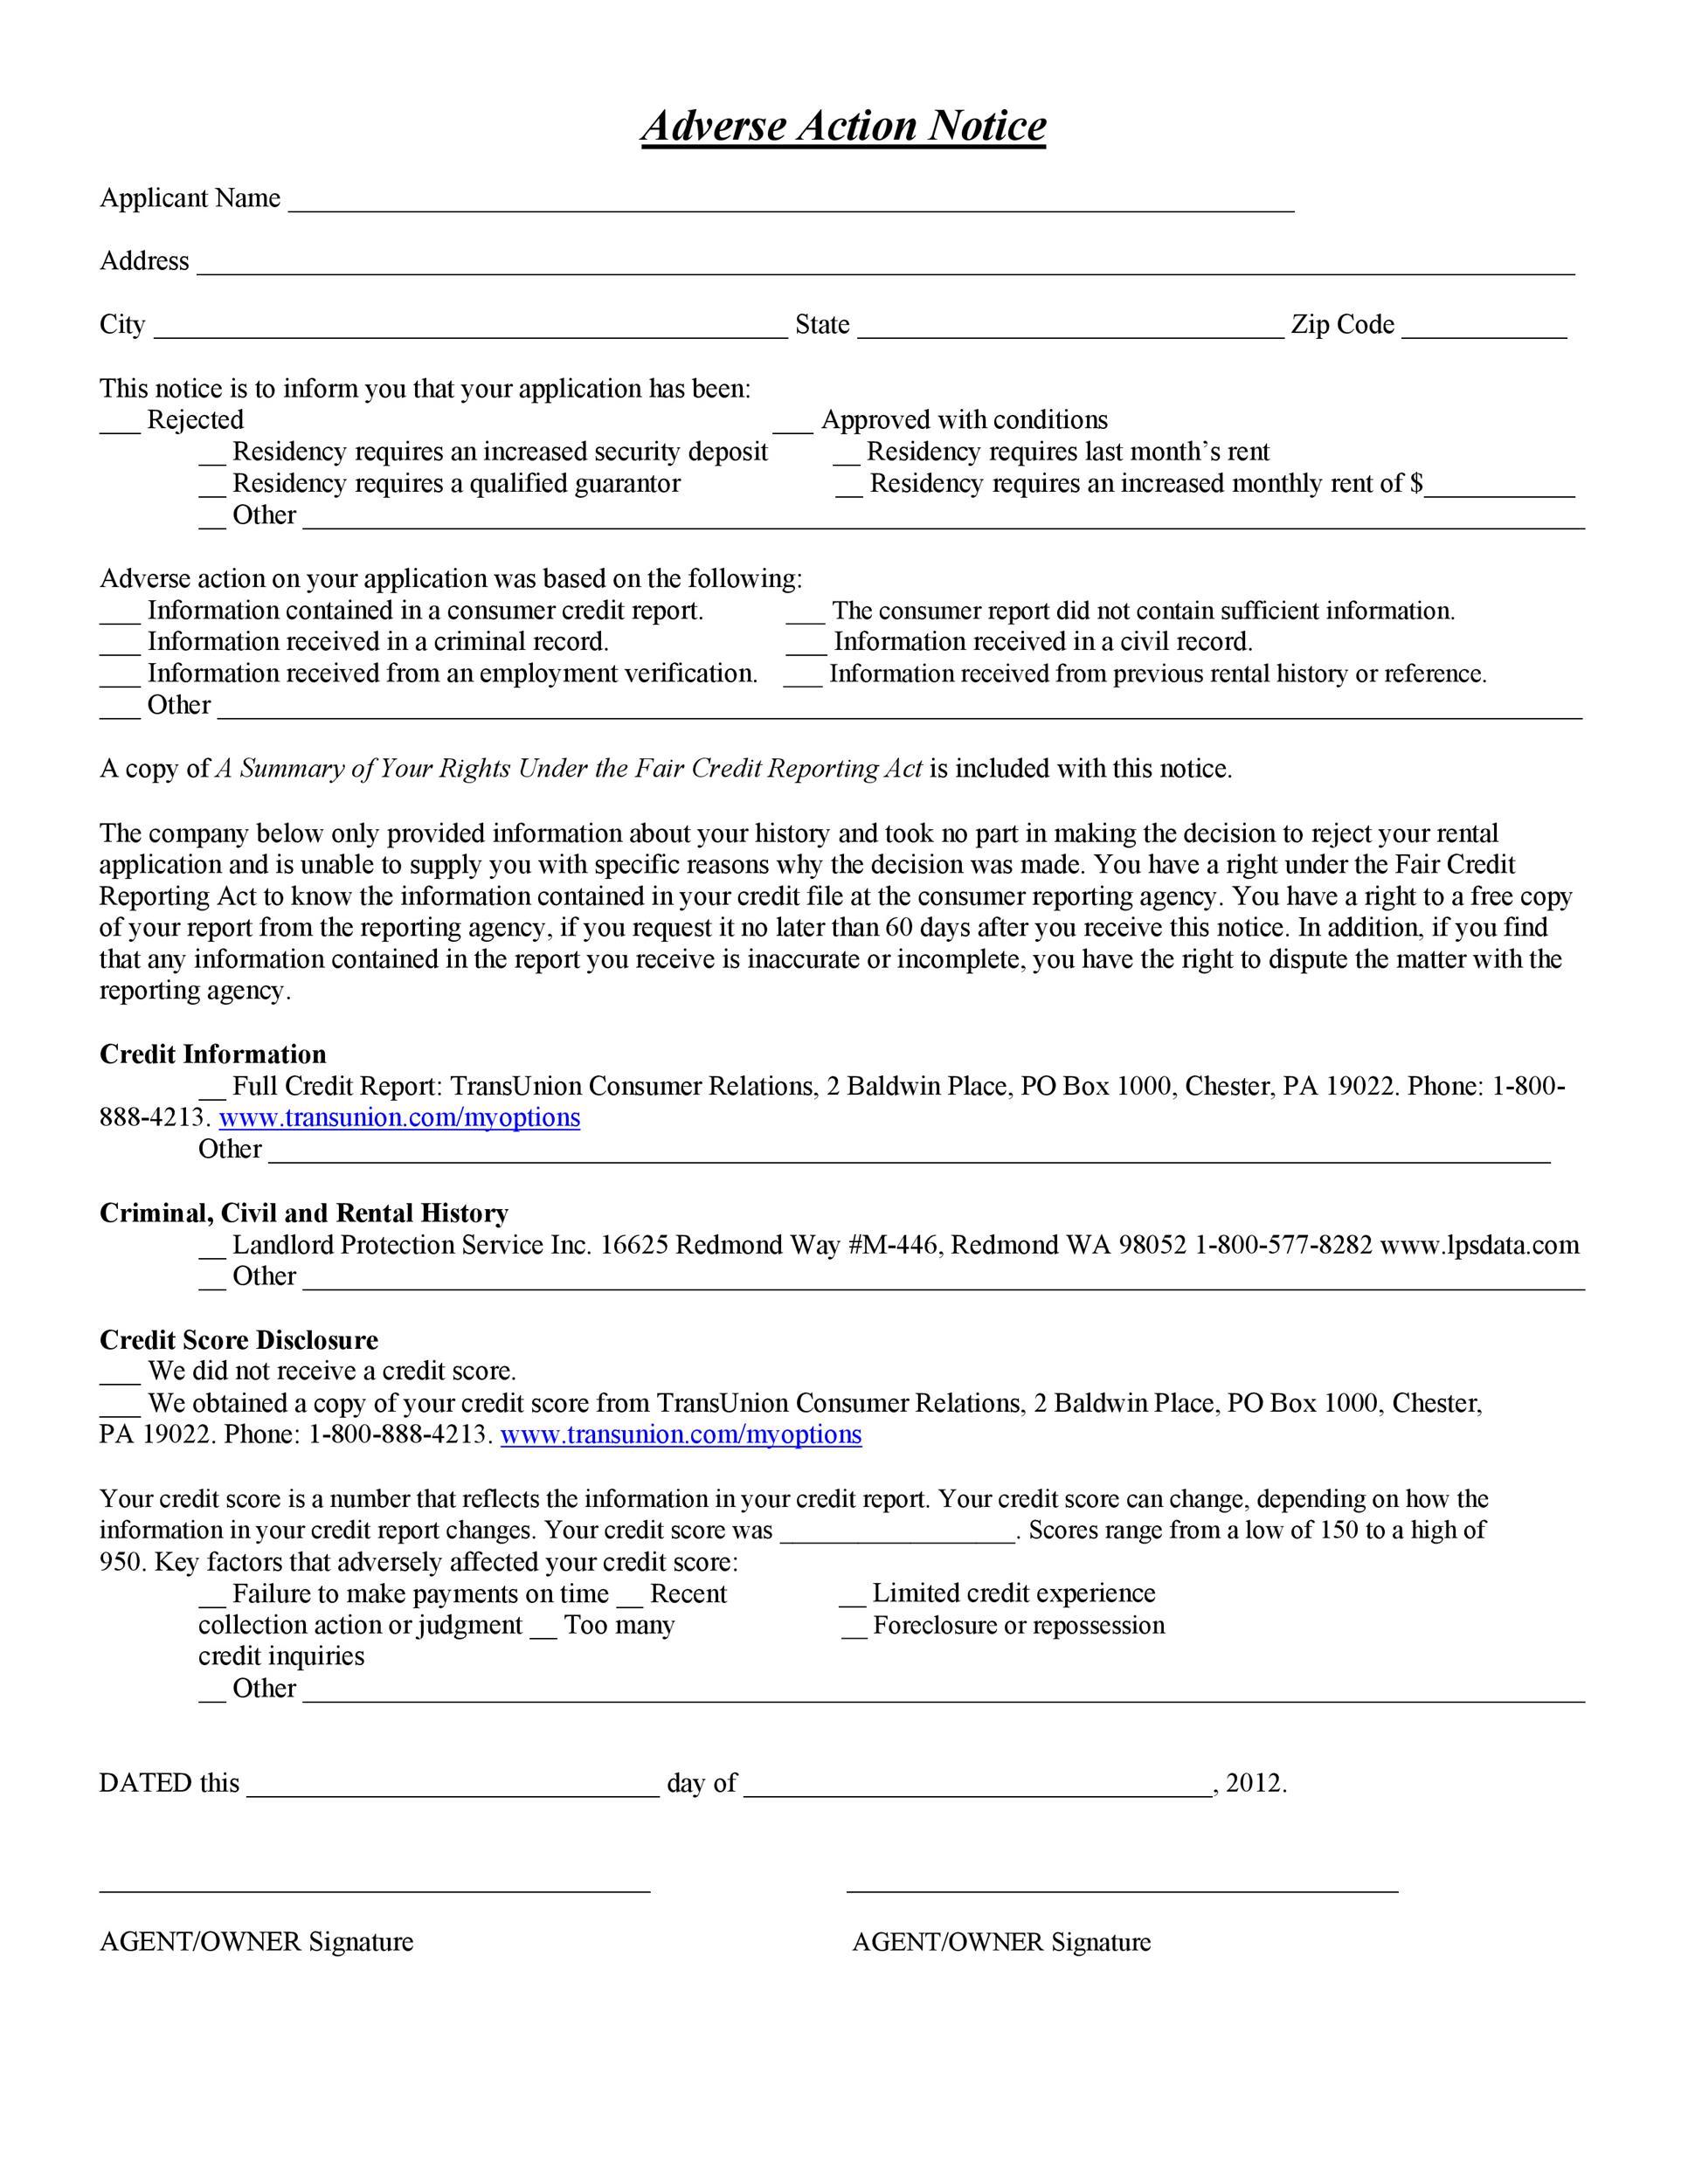 Free adverse action notice 48